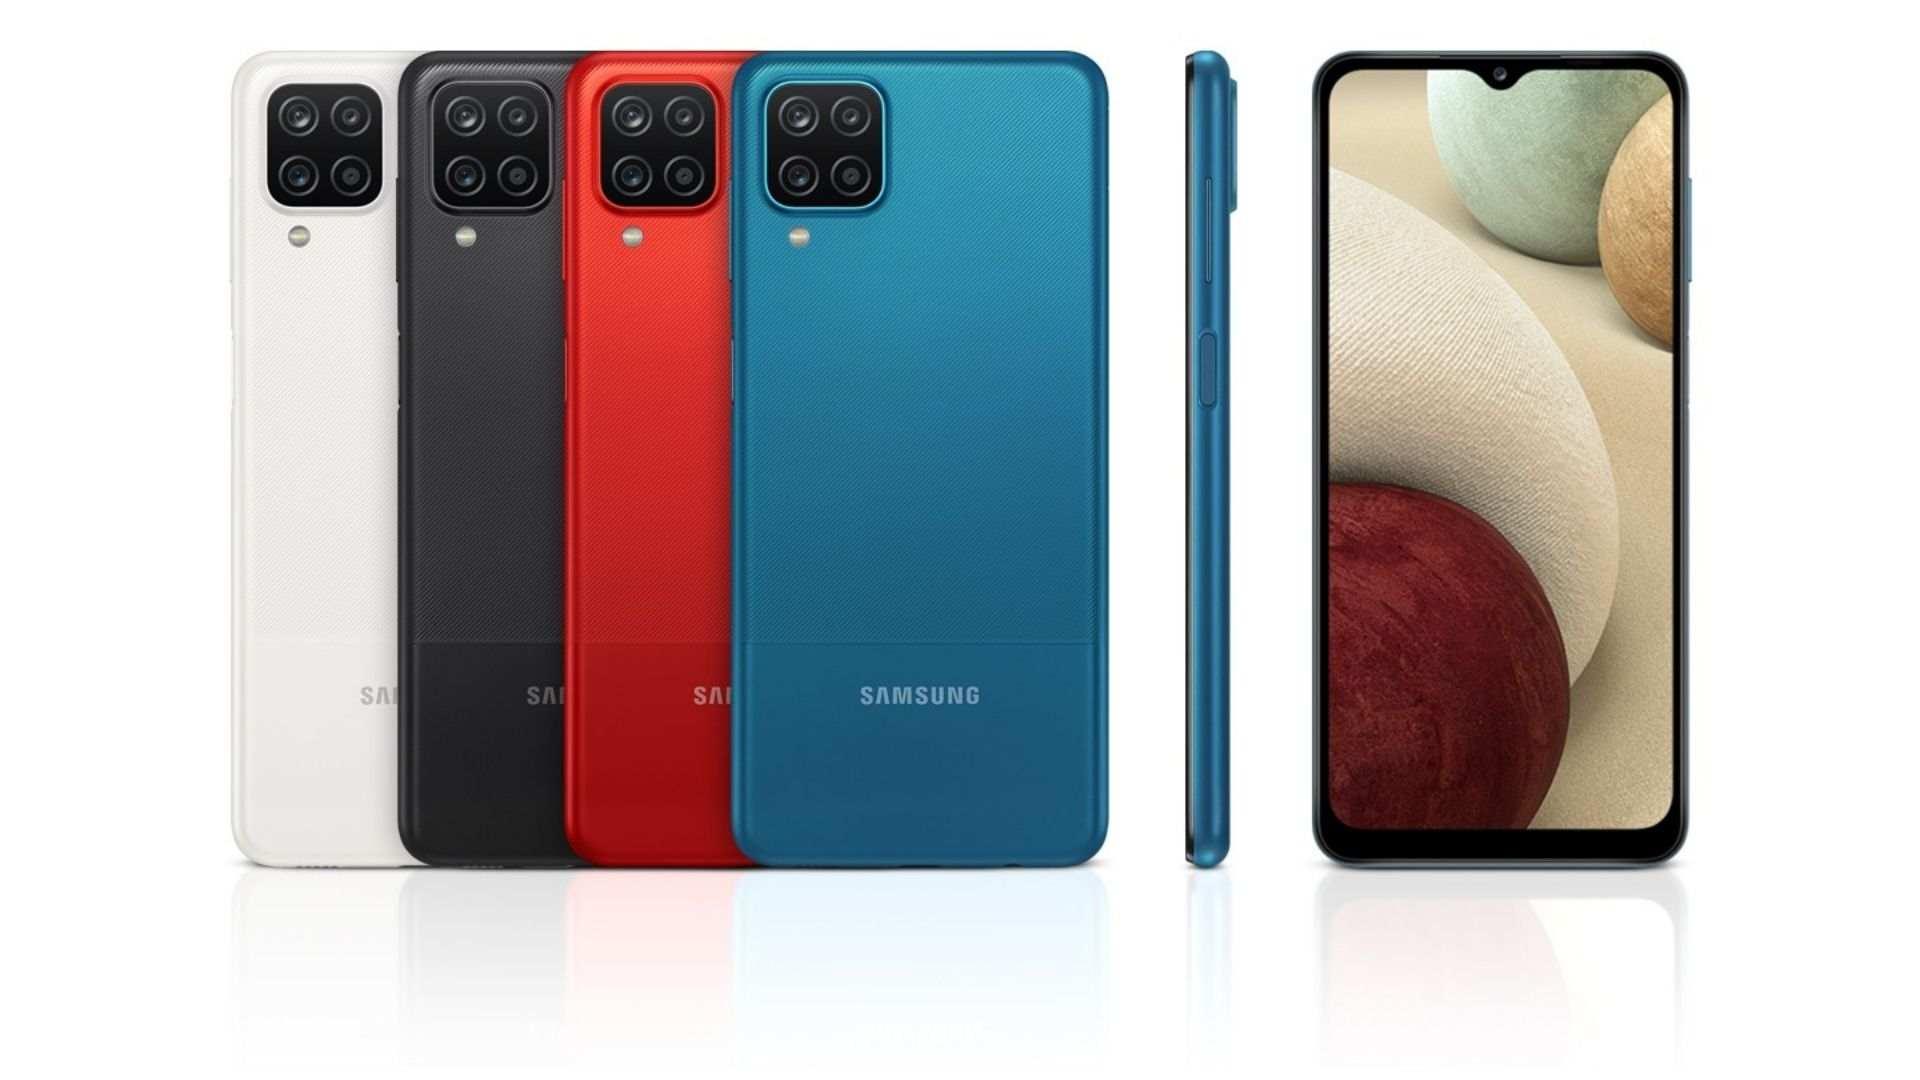 Quatro celulares Galaxy A12, um branco, um preto, um vermelho e um azul, com traseira em destaque ao lado de um outro aparelho de lado e um de frente